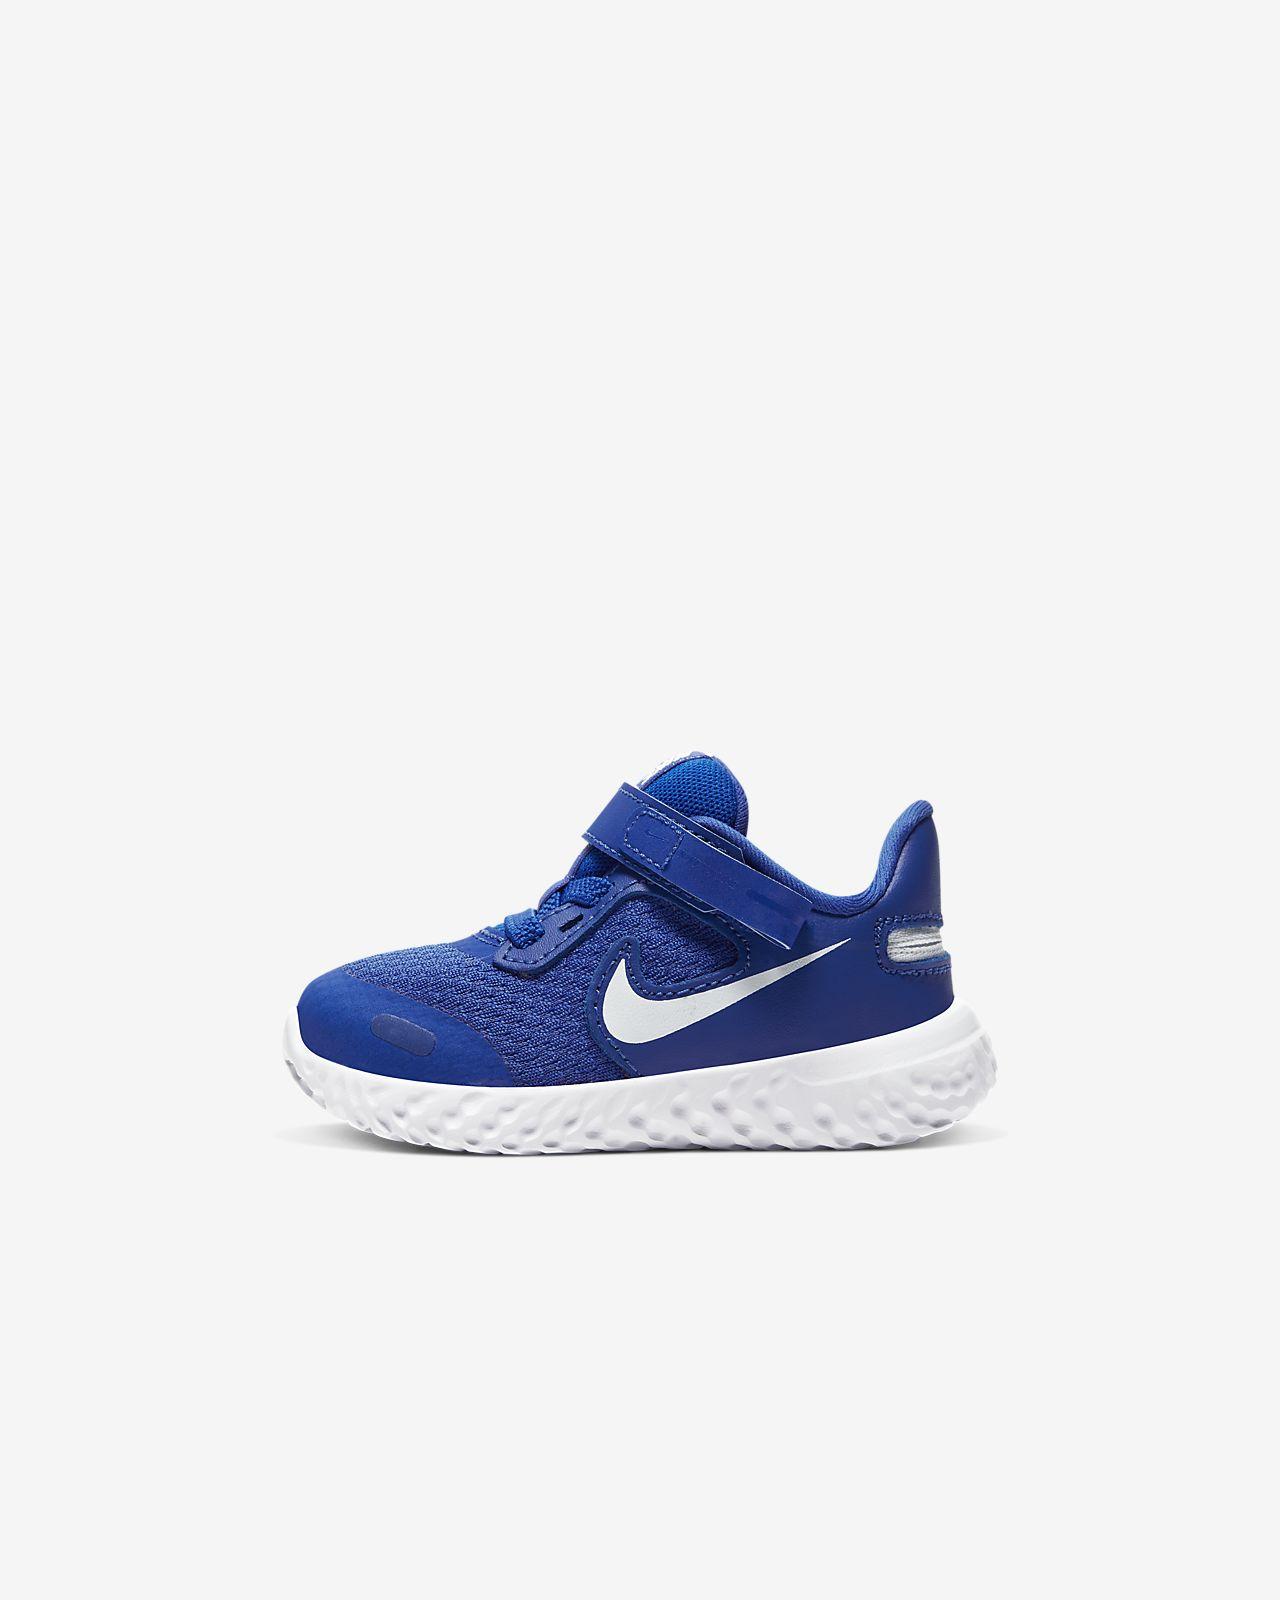 Nike Revolution 5 FlyEase Sabatilles - Nadó i infant